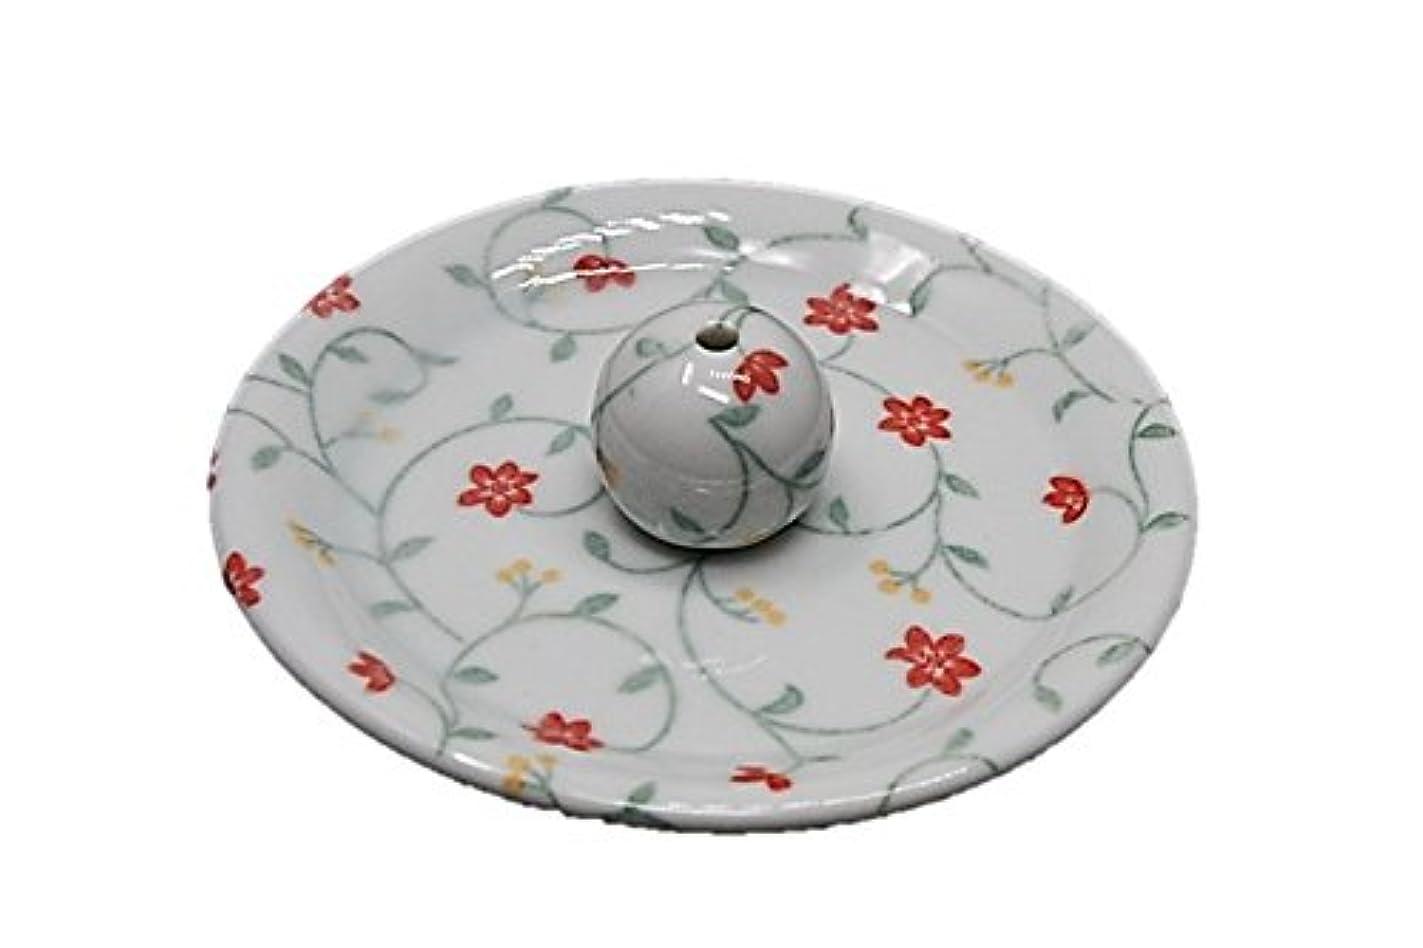 頬壁熱心な9-33 玉手箱 9cm香皿 お香立て お香たて 陶器 日本製 製造?直売品